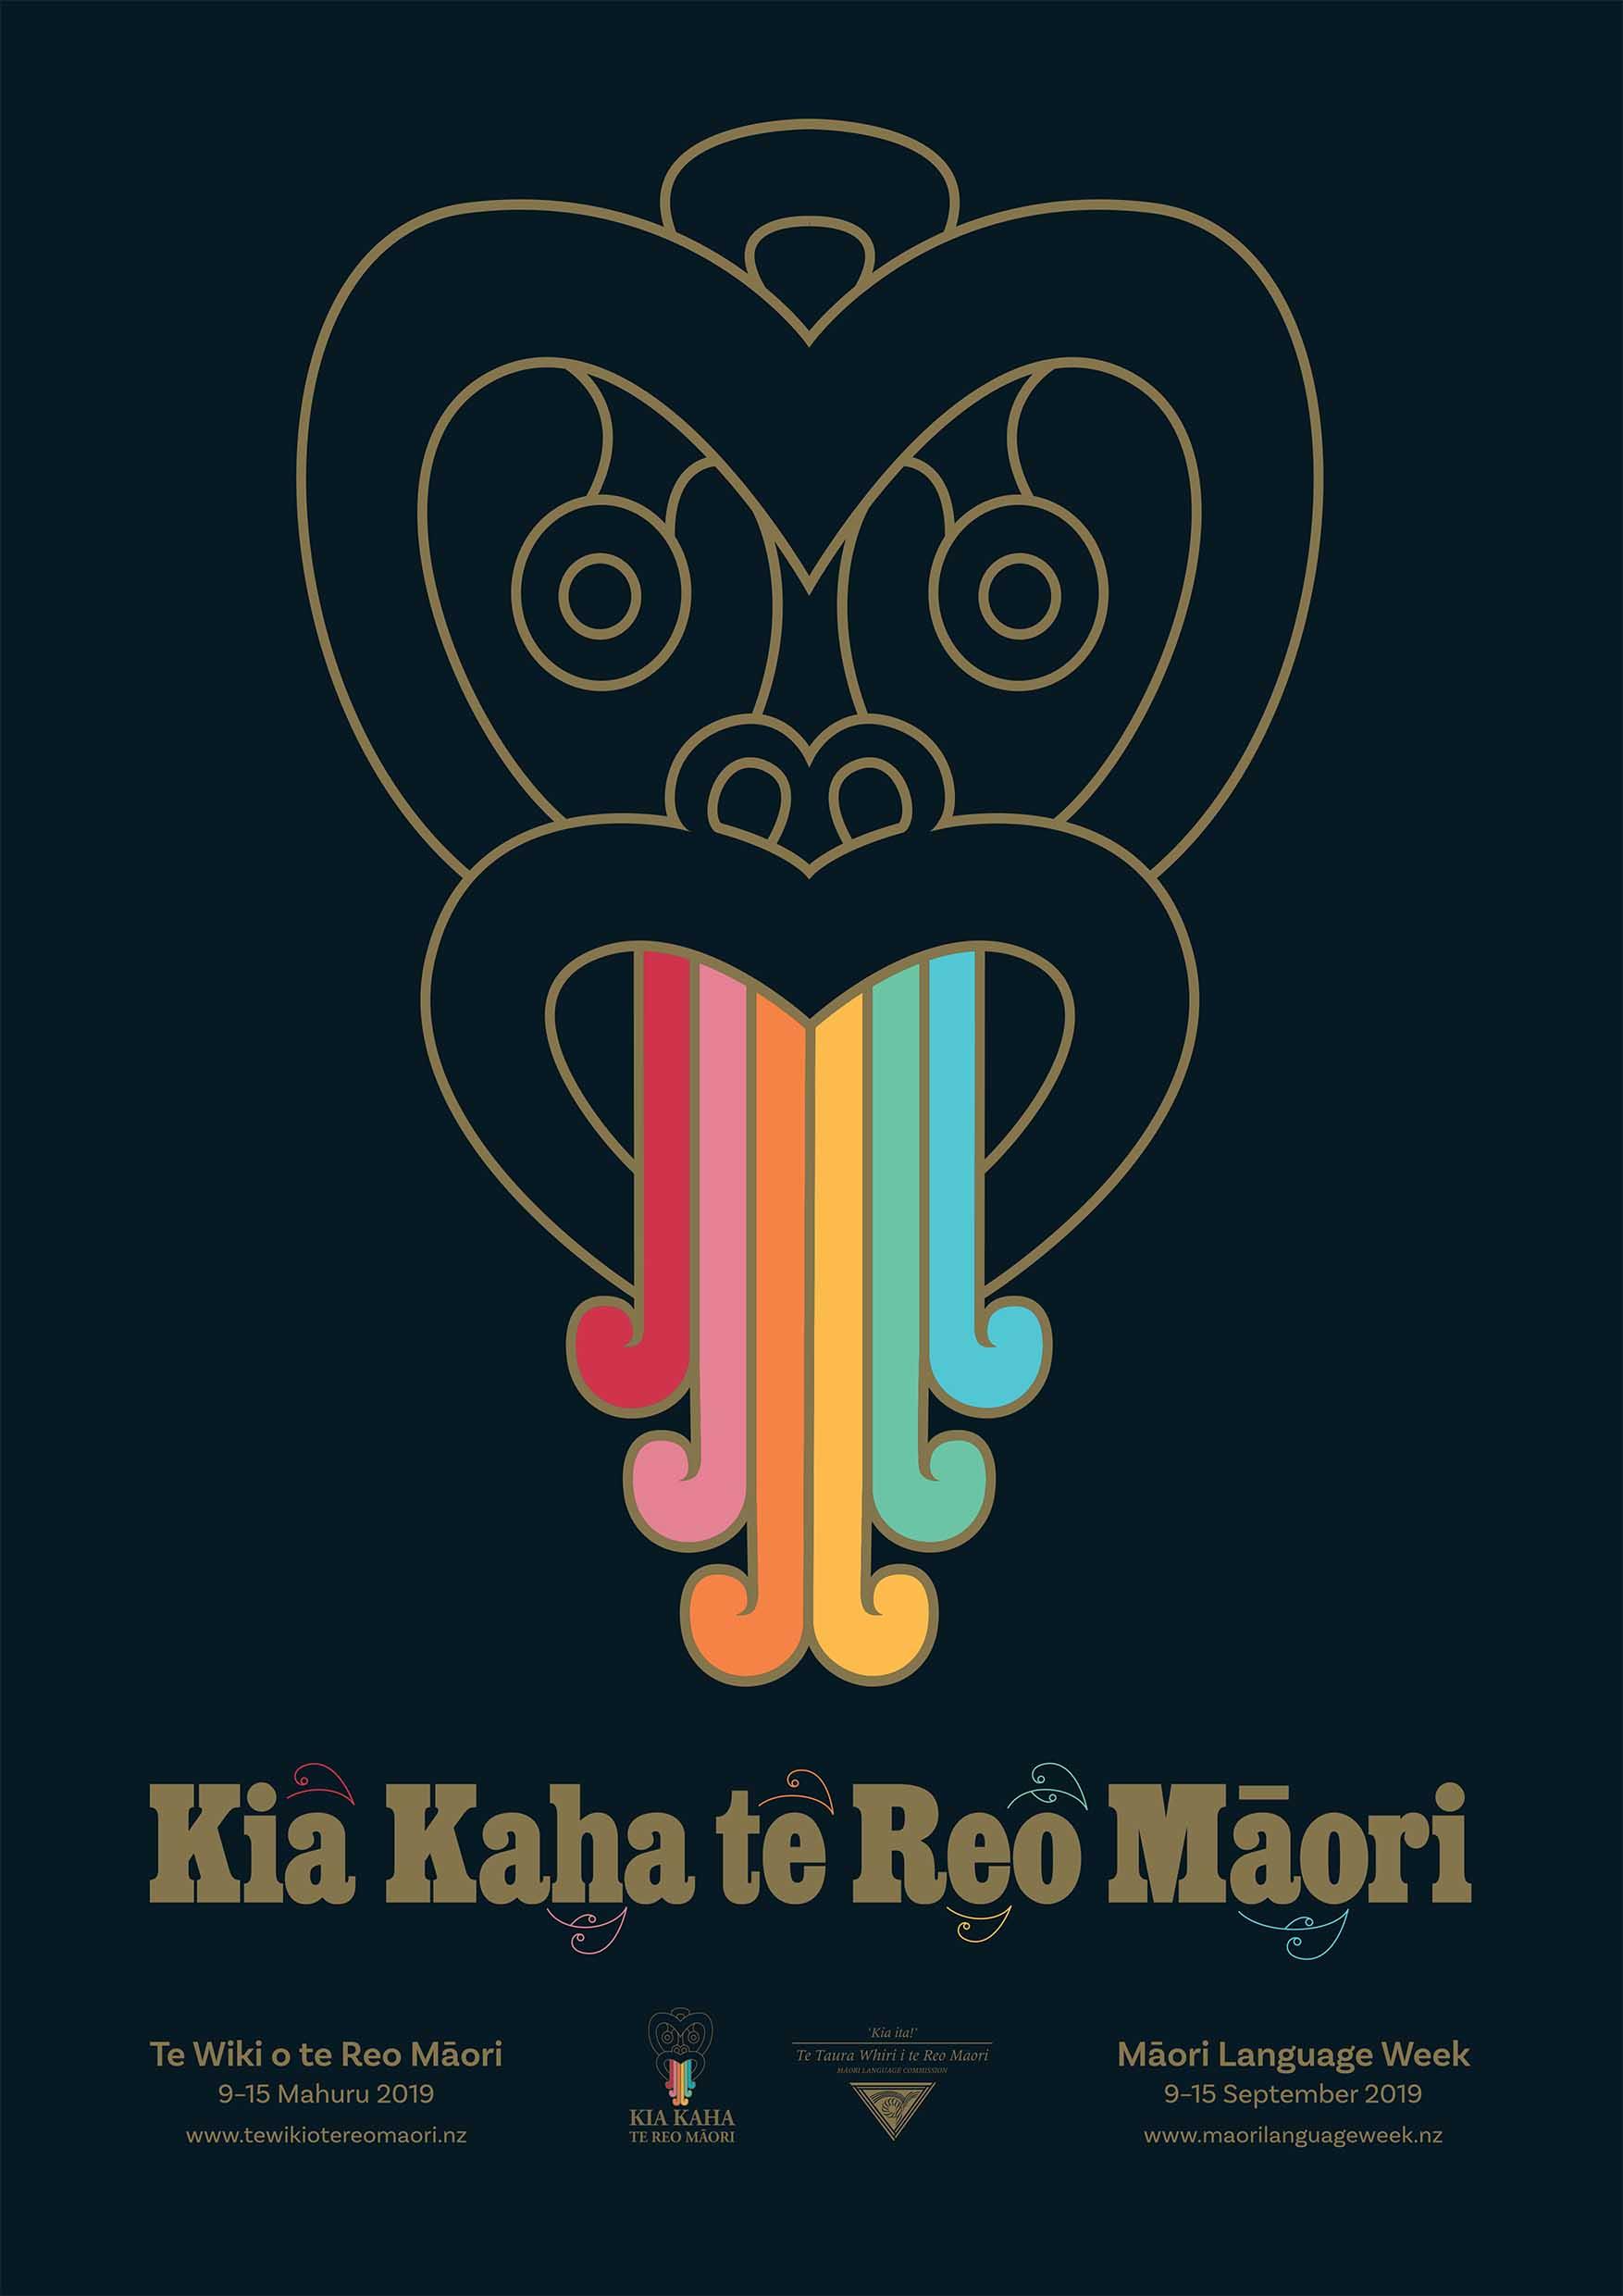 Kia-Kaha-Posters-2019-A3-2.jpg